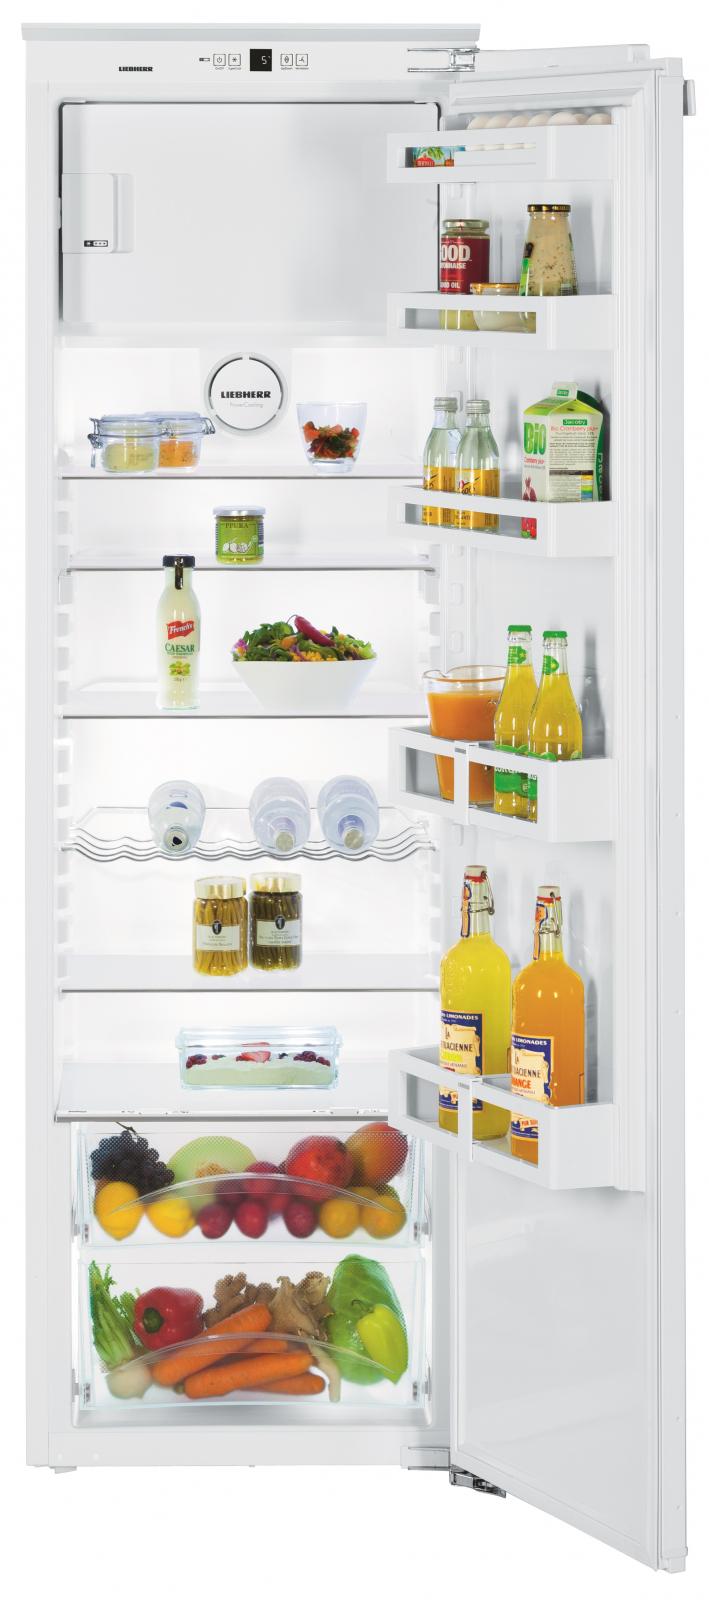 Встраиваемый однокамерный холодильник Liebherr IK 3524 купить украина